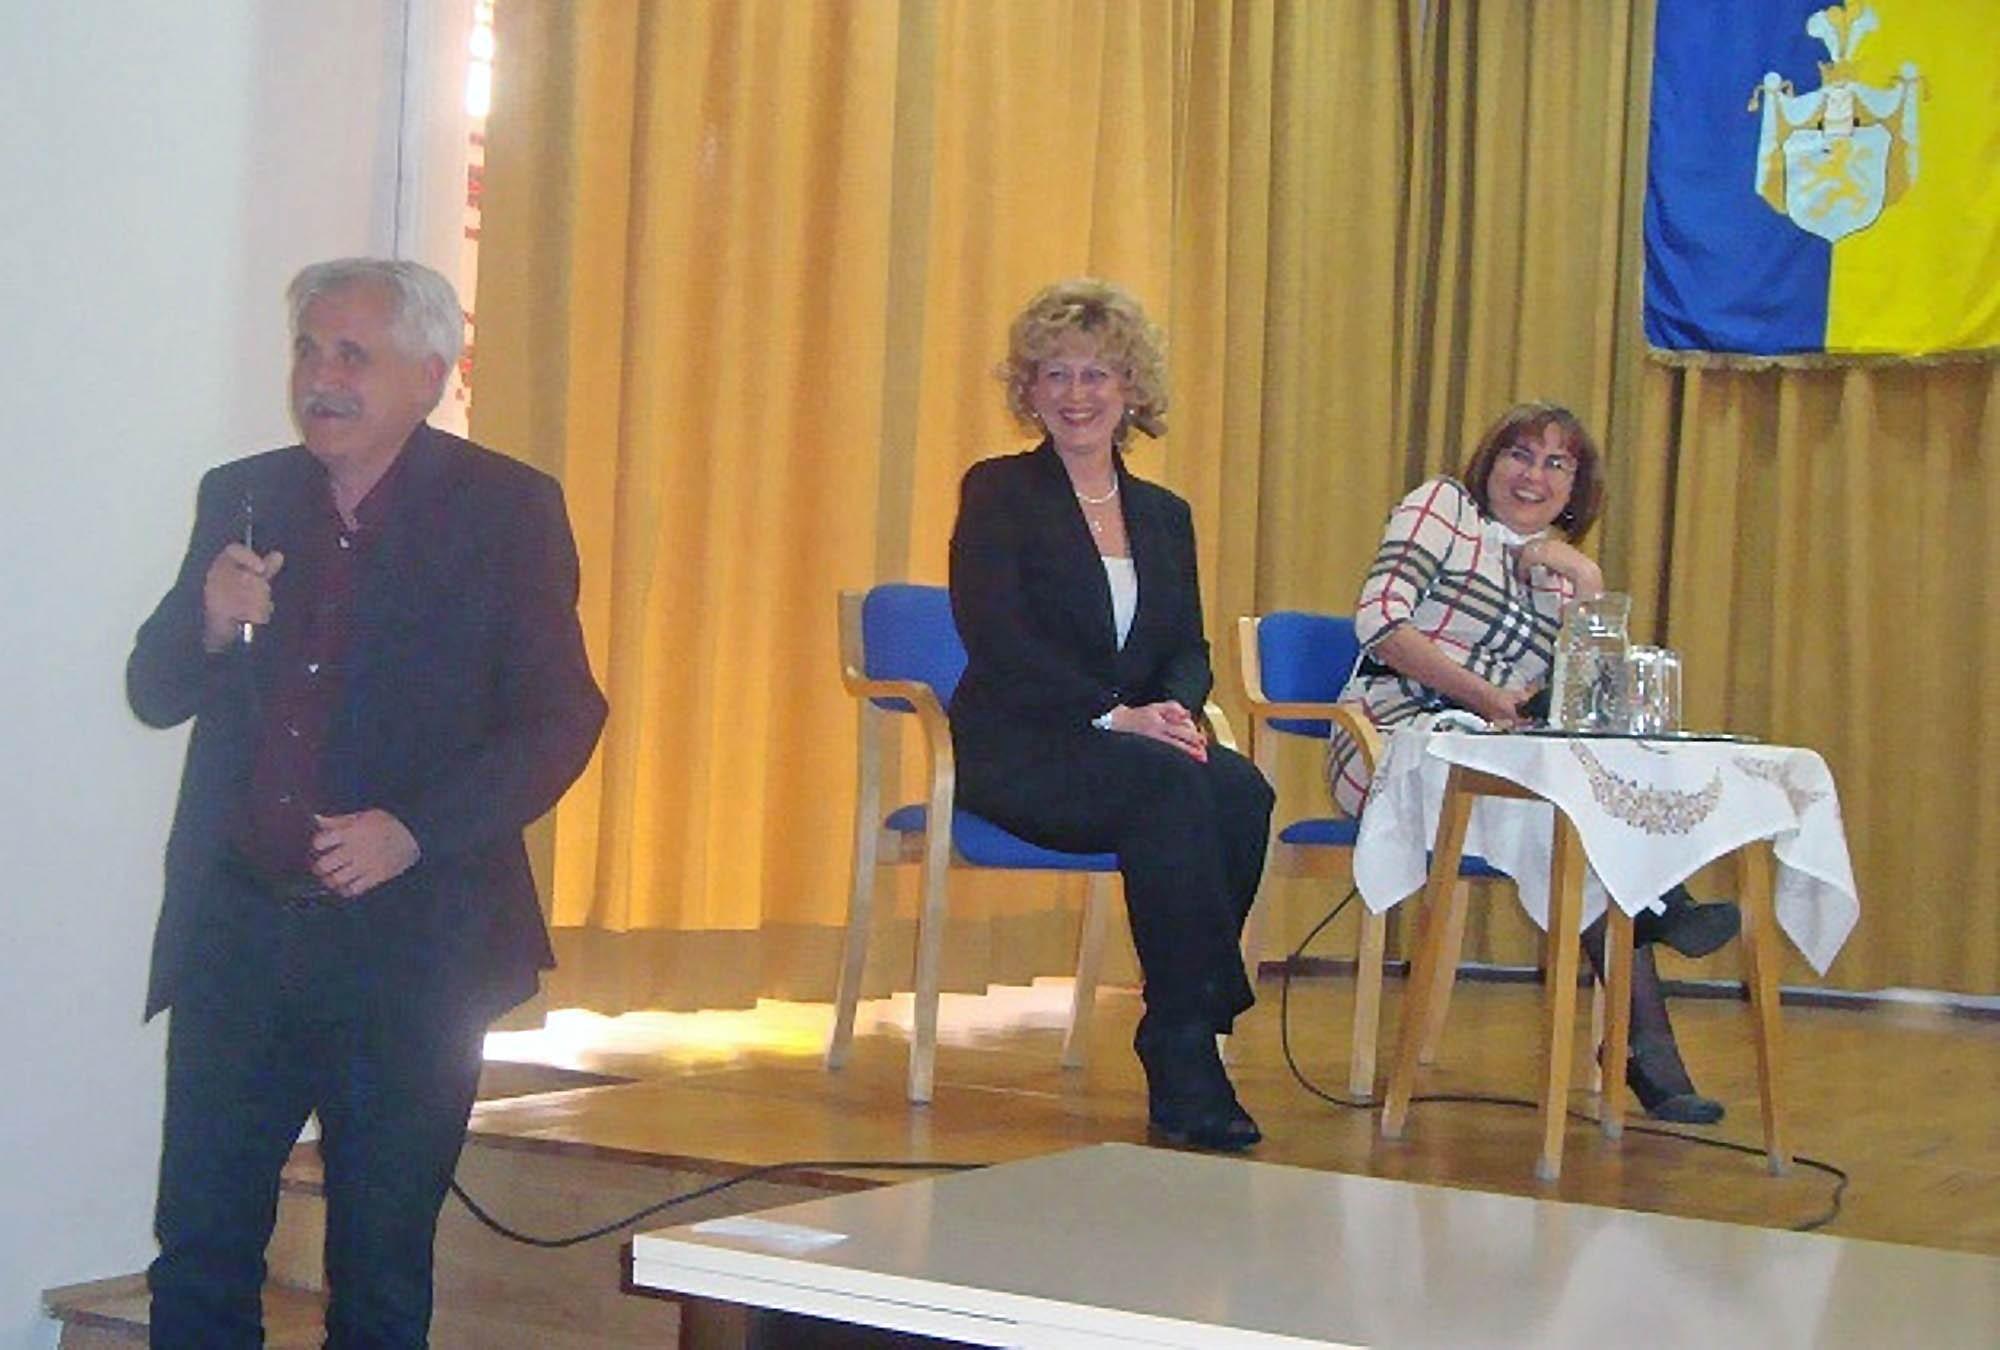 Érdekesen szabadulnának a kalocsai balosok az álpolgármestertől